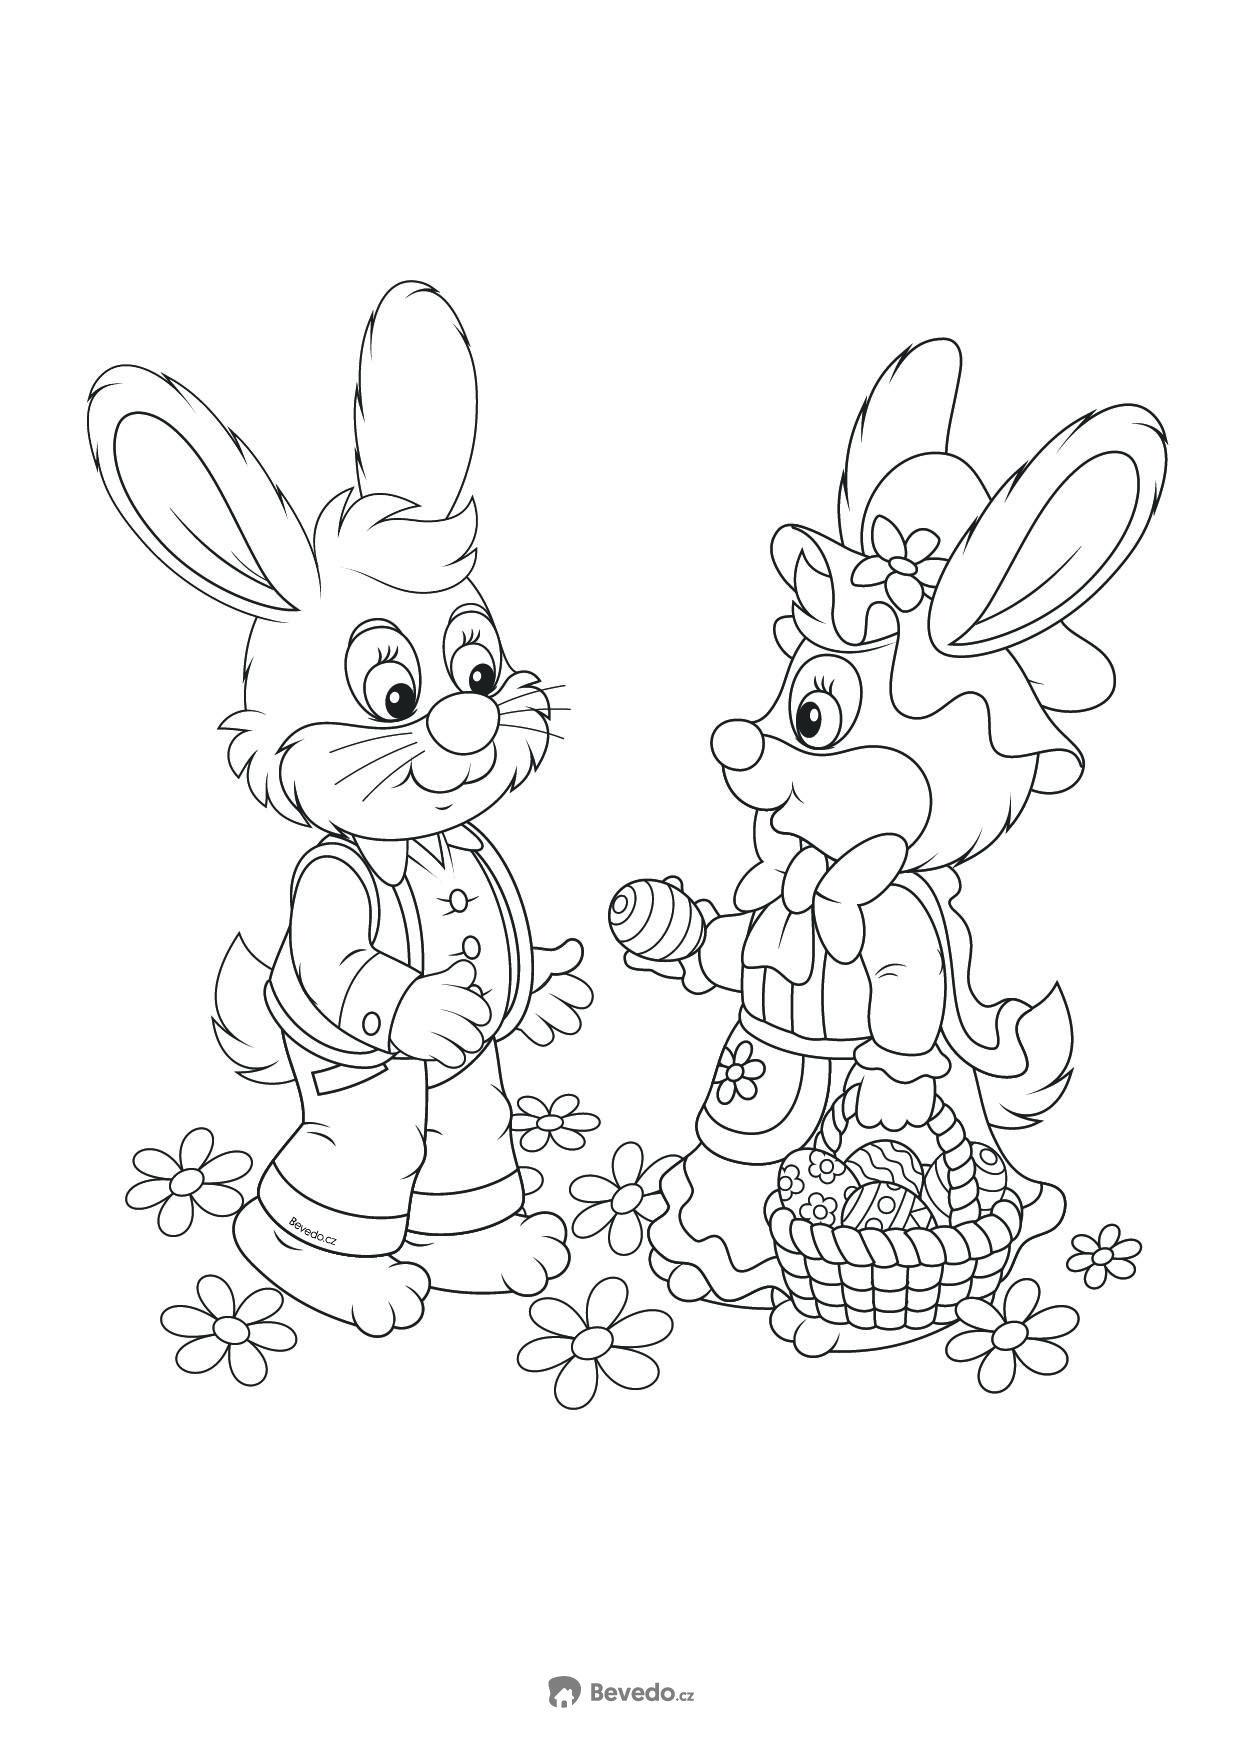 Velikonoční omalovánky pro děti od Bevedo